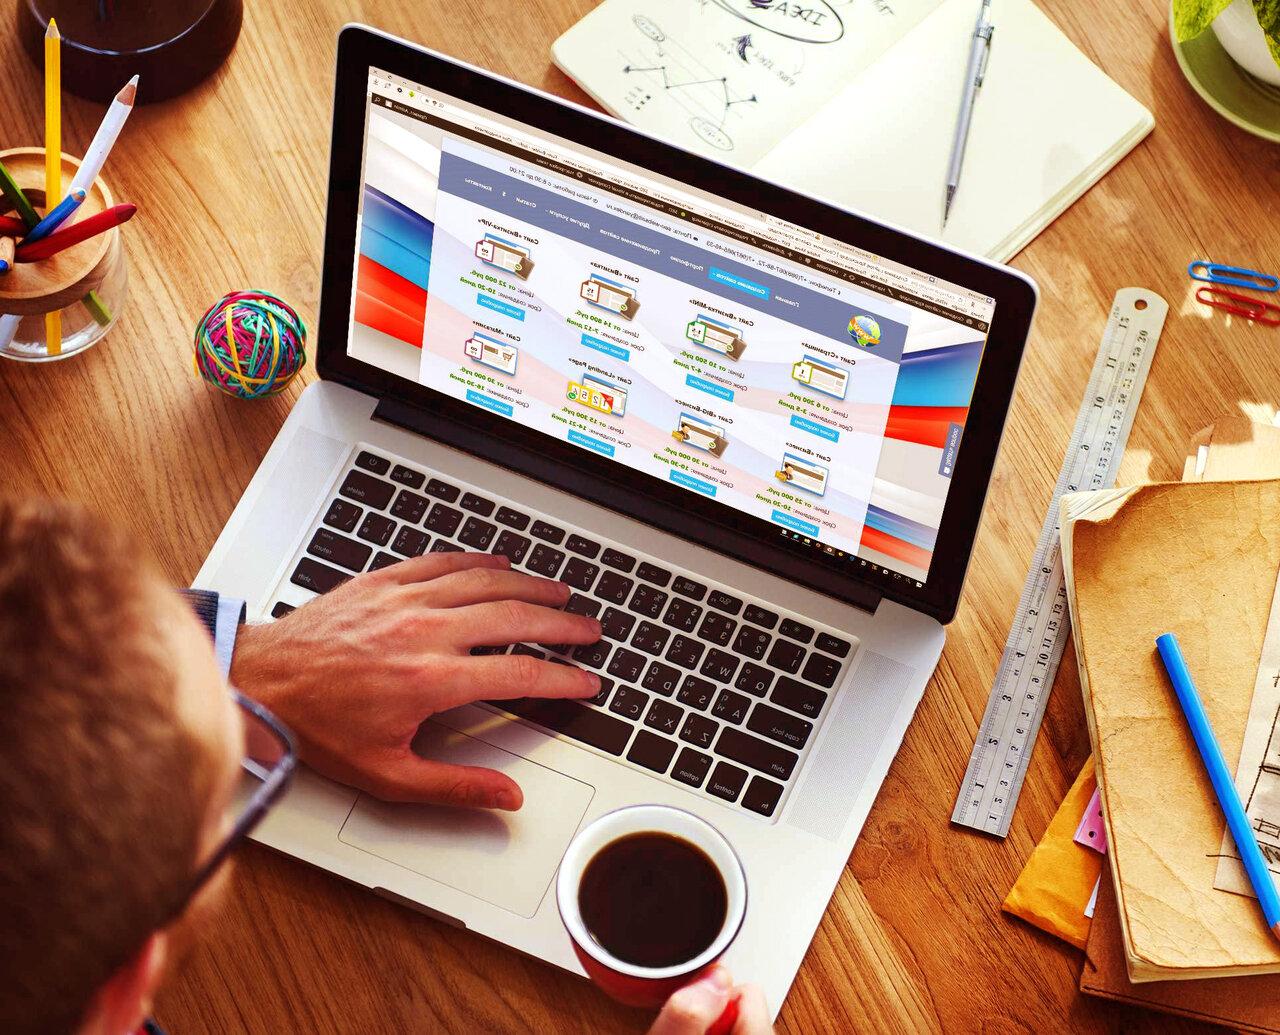 Создание сайтов и интернет маркетинг создание сайта видео маркетинг